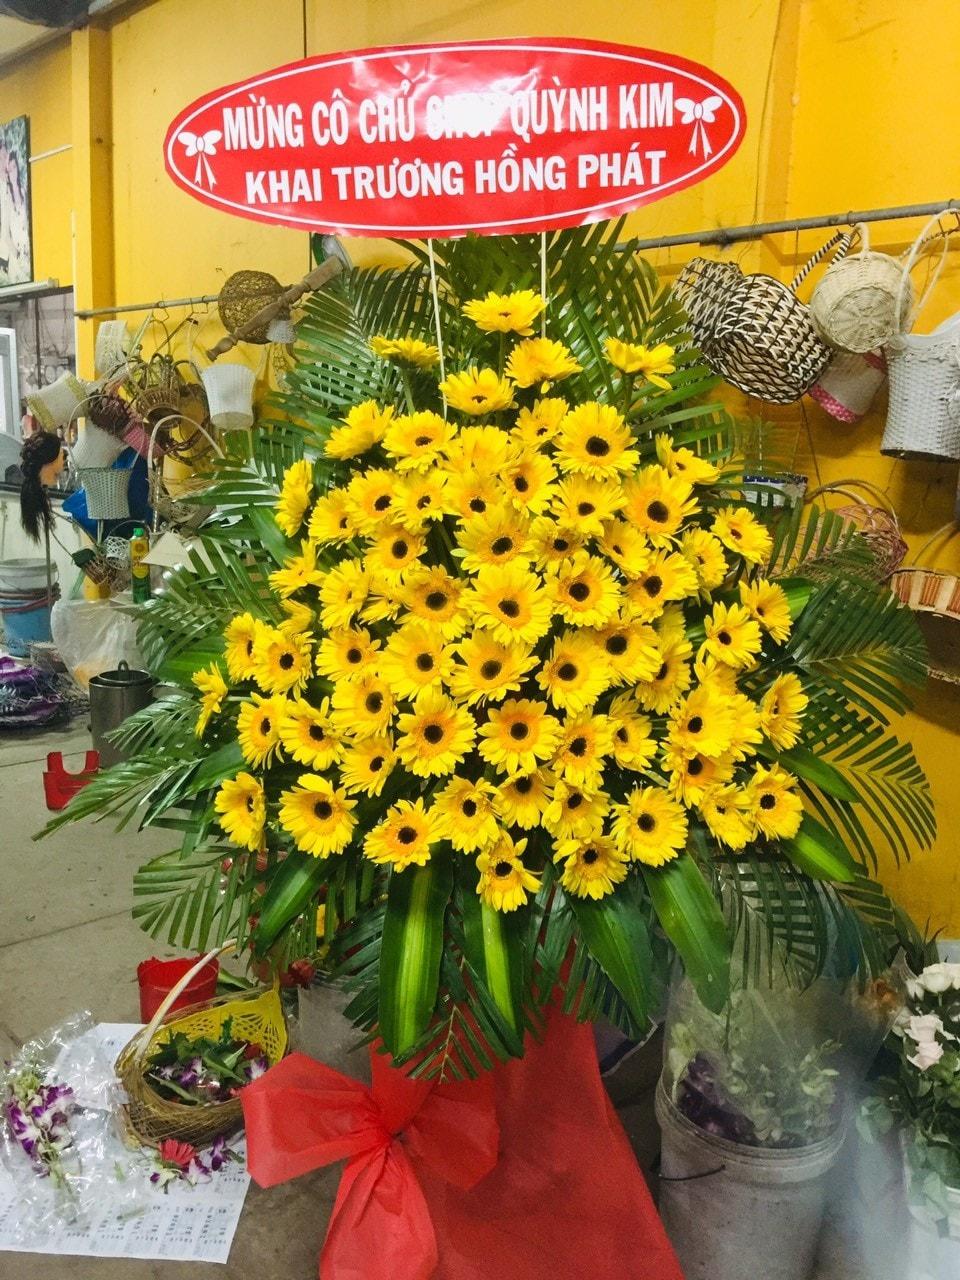 Hoa tươi Bình Sơn